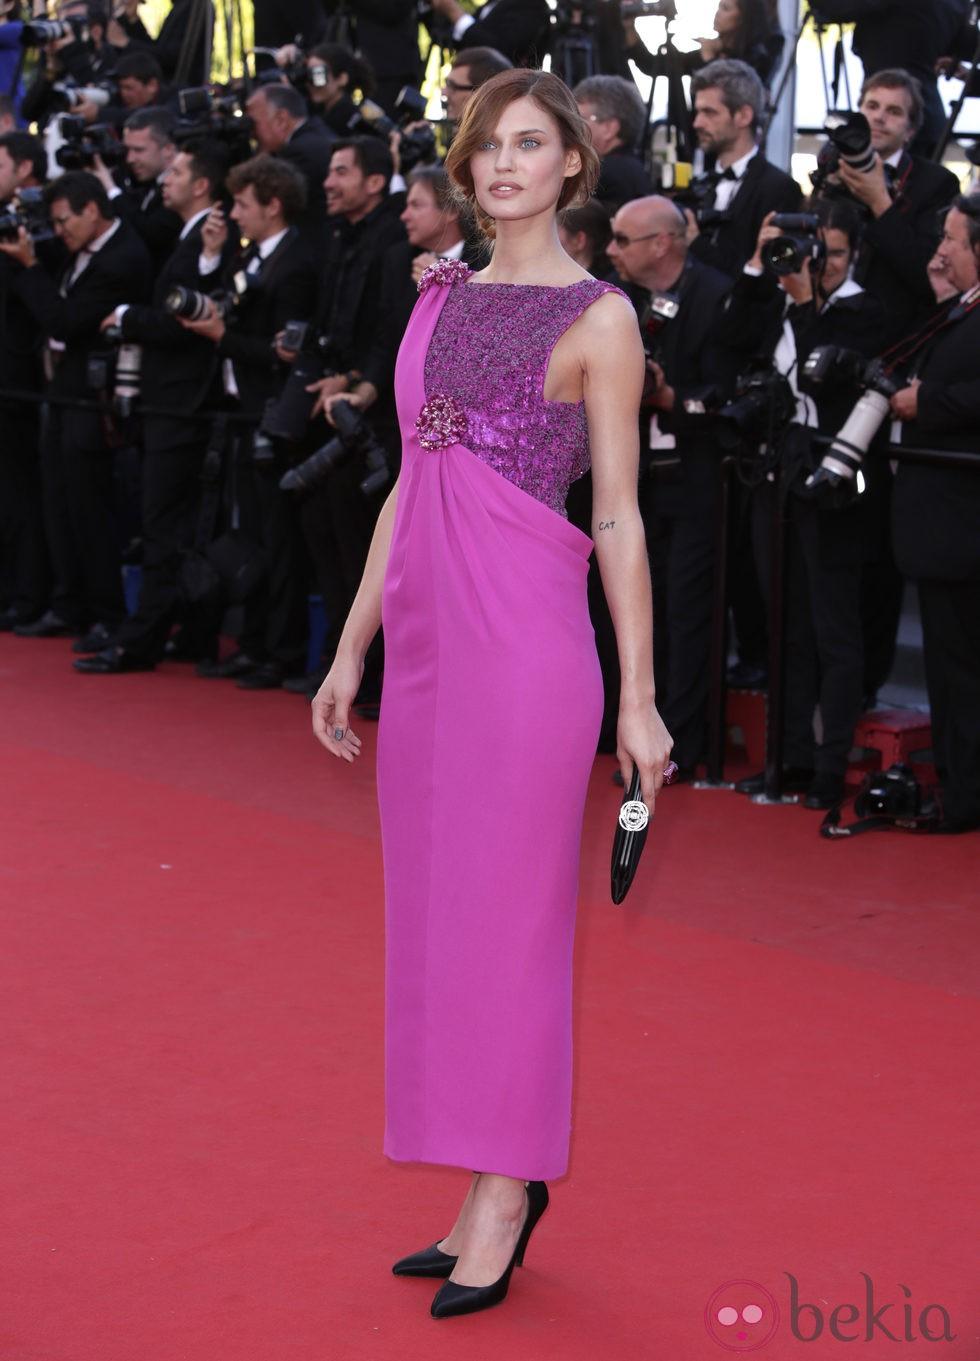 Bianca Balti en la presentación de 'The immigrant' en Cannes 2013